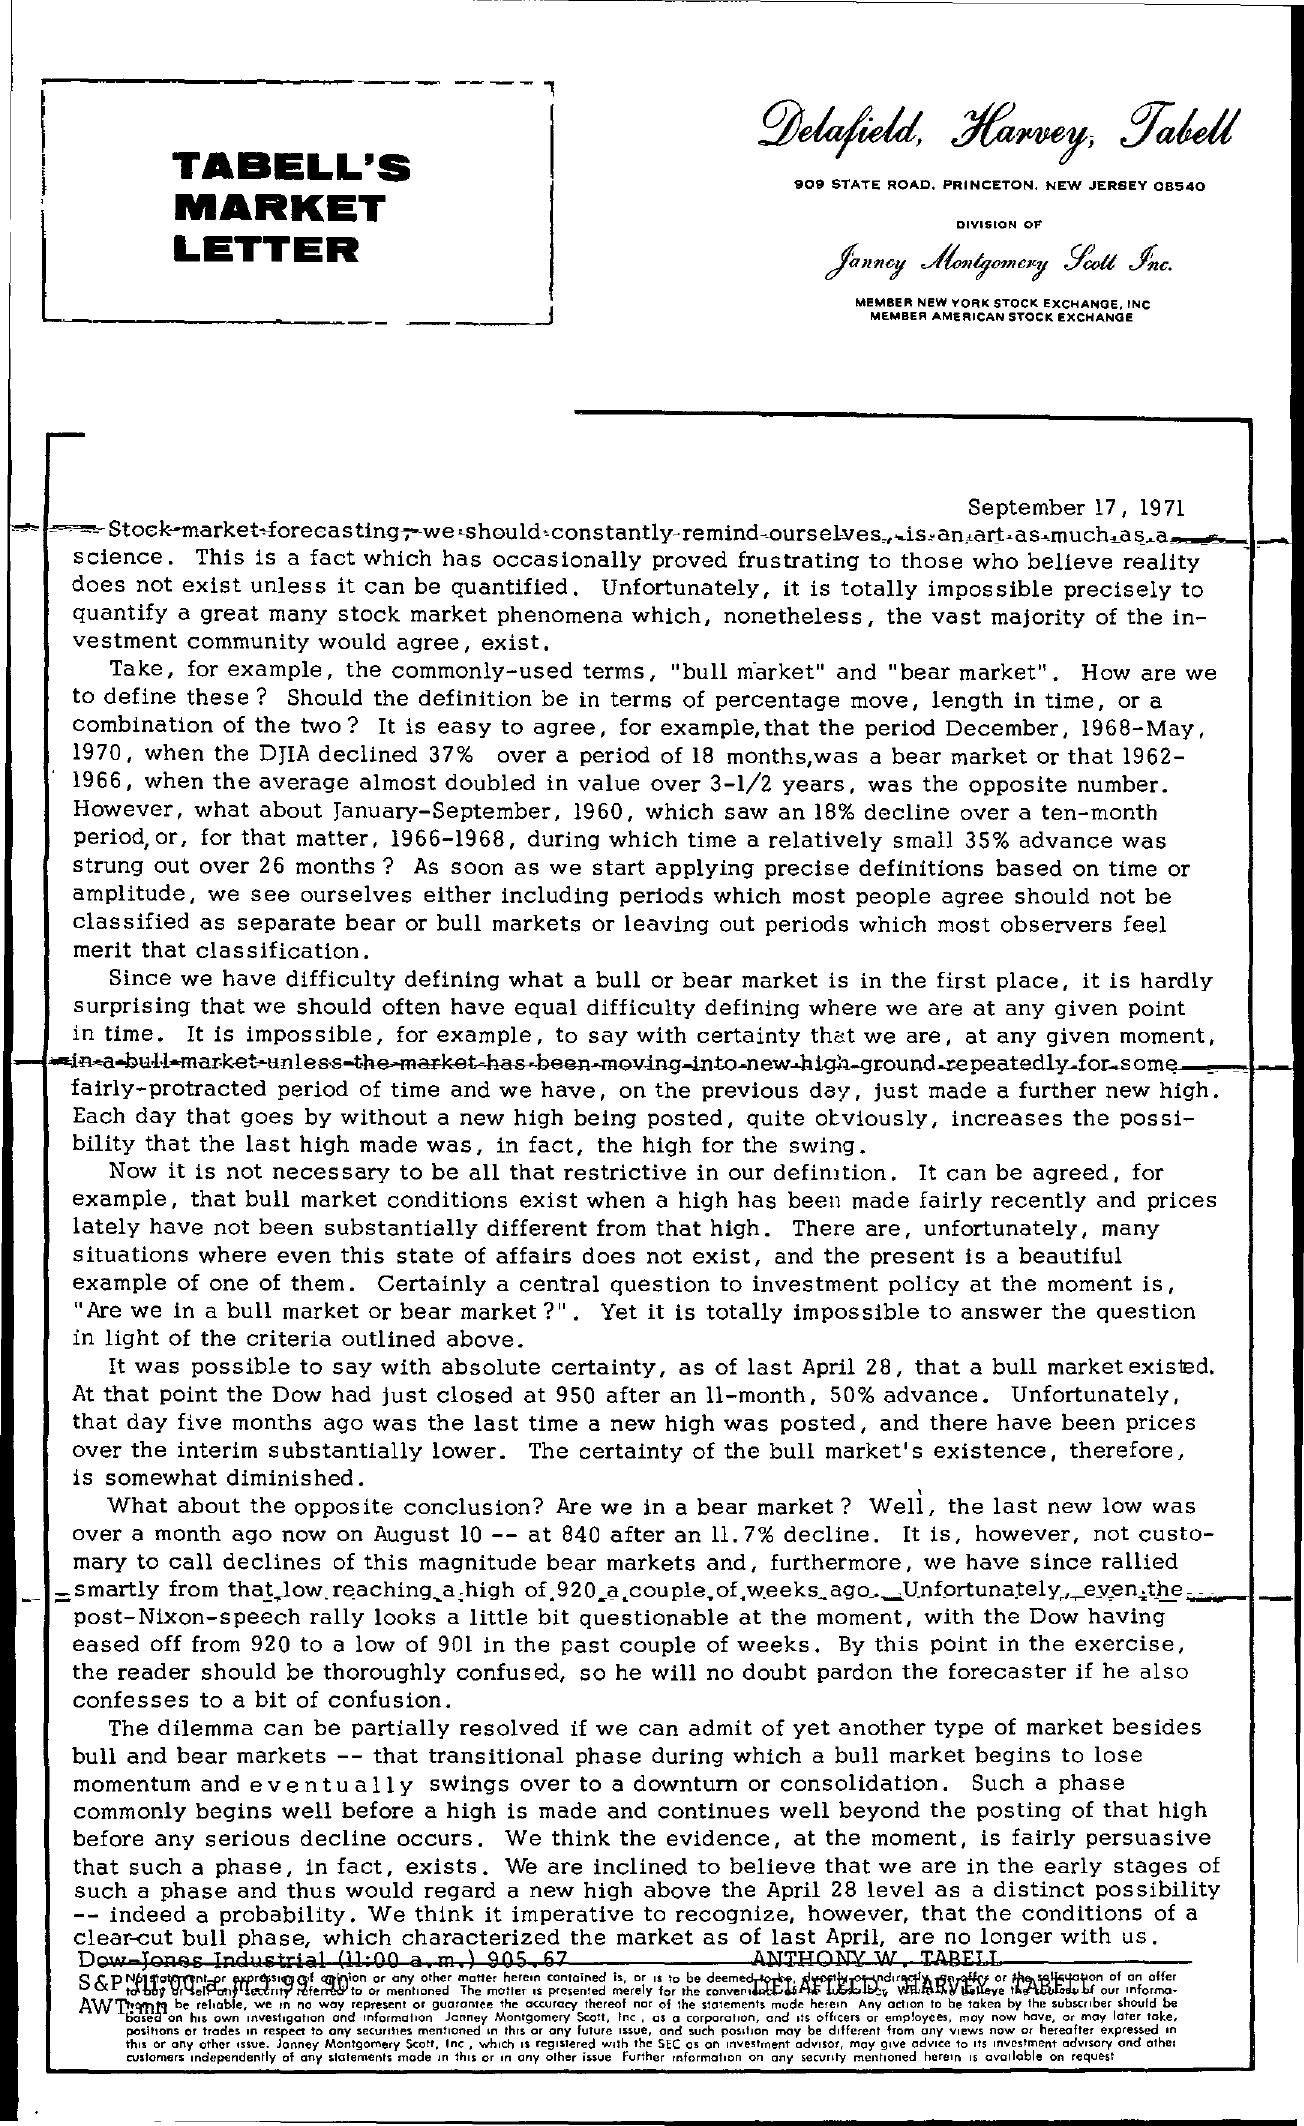 Tabell's Market Letter - September 17, 1971